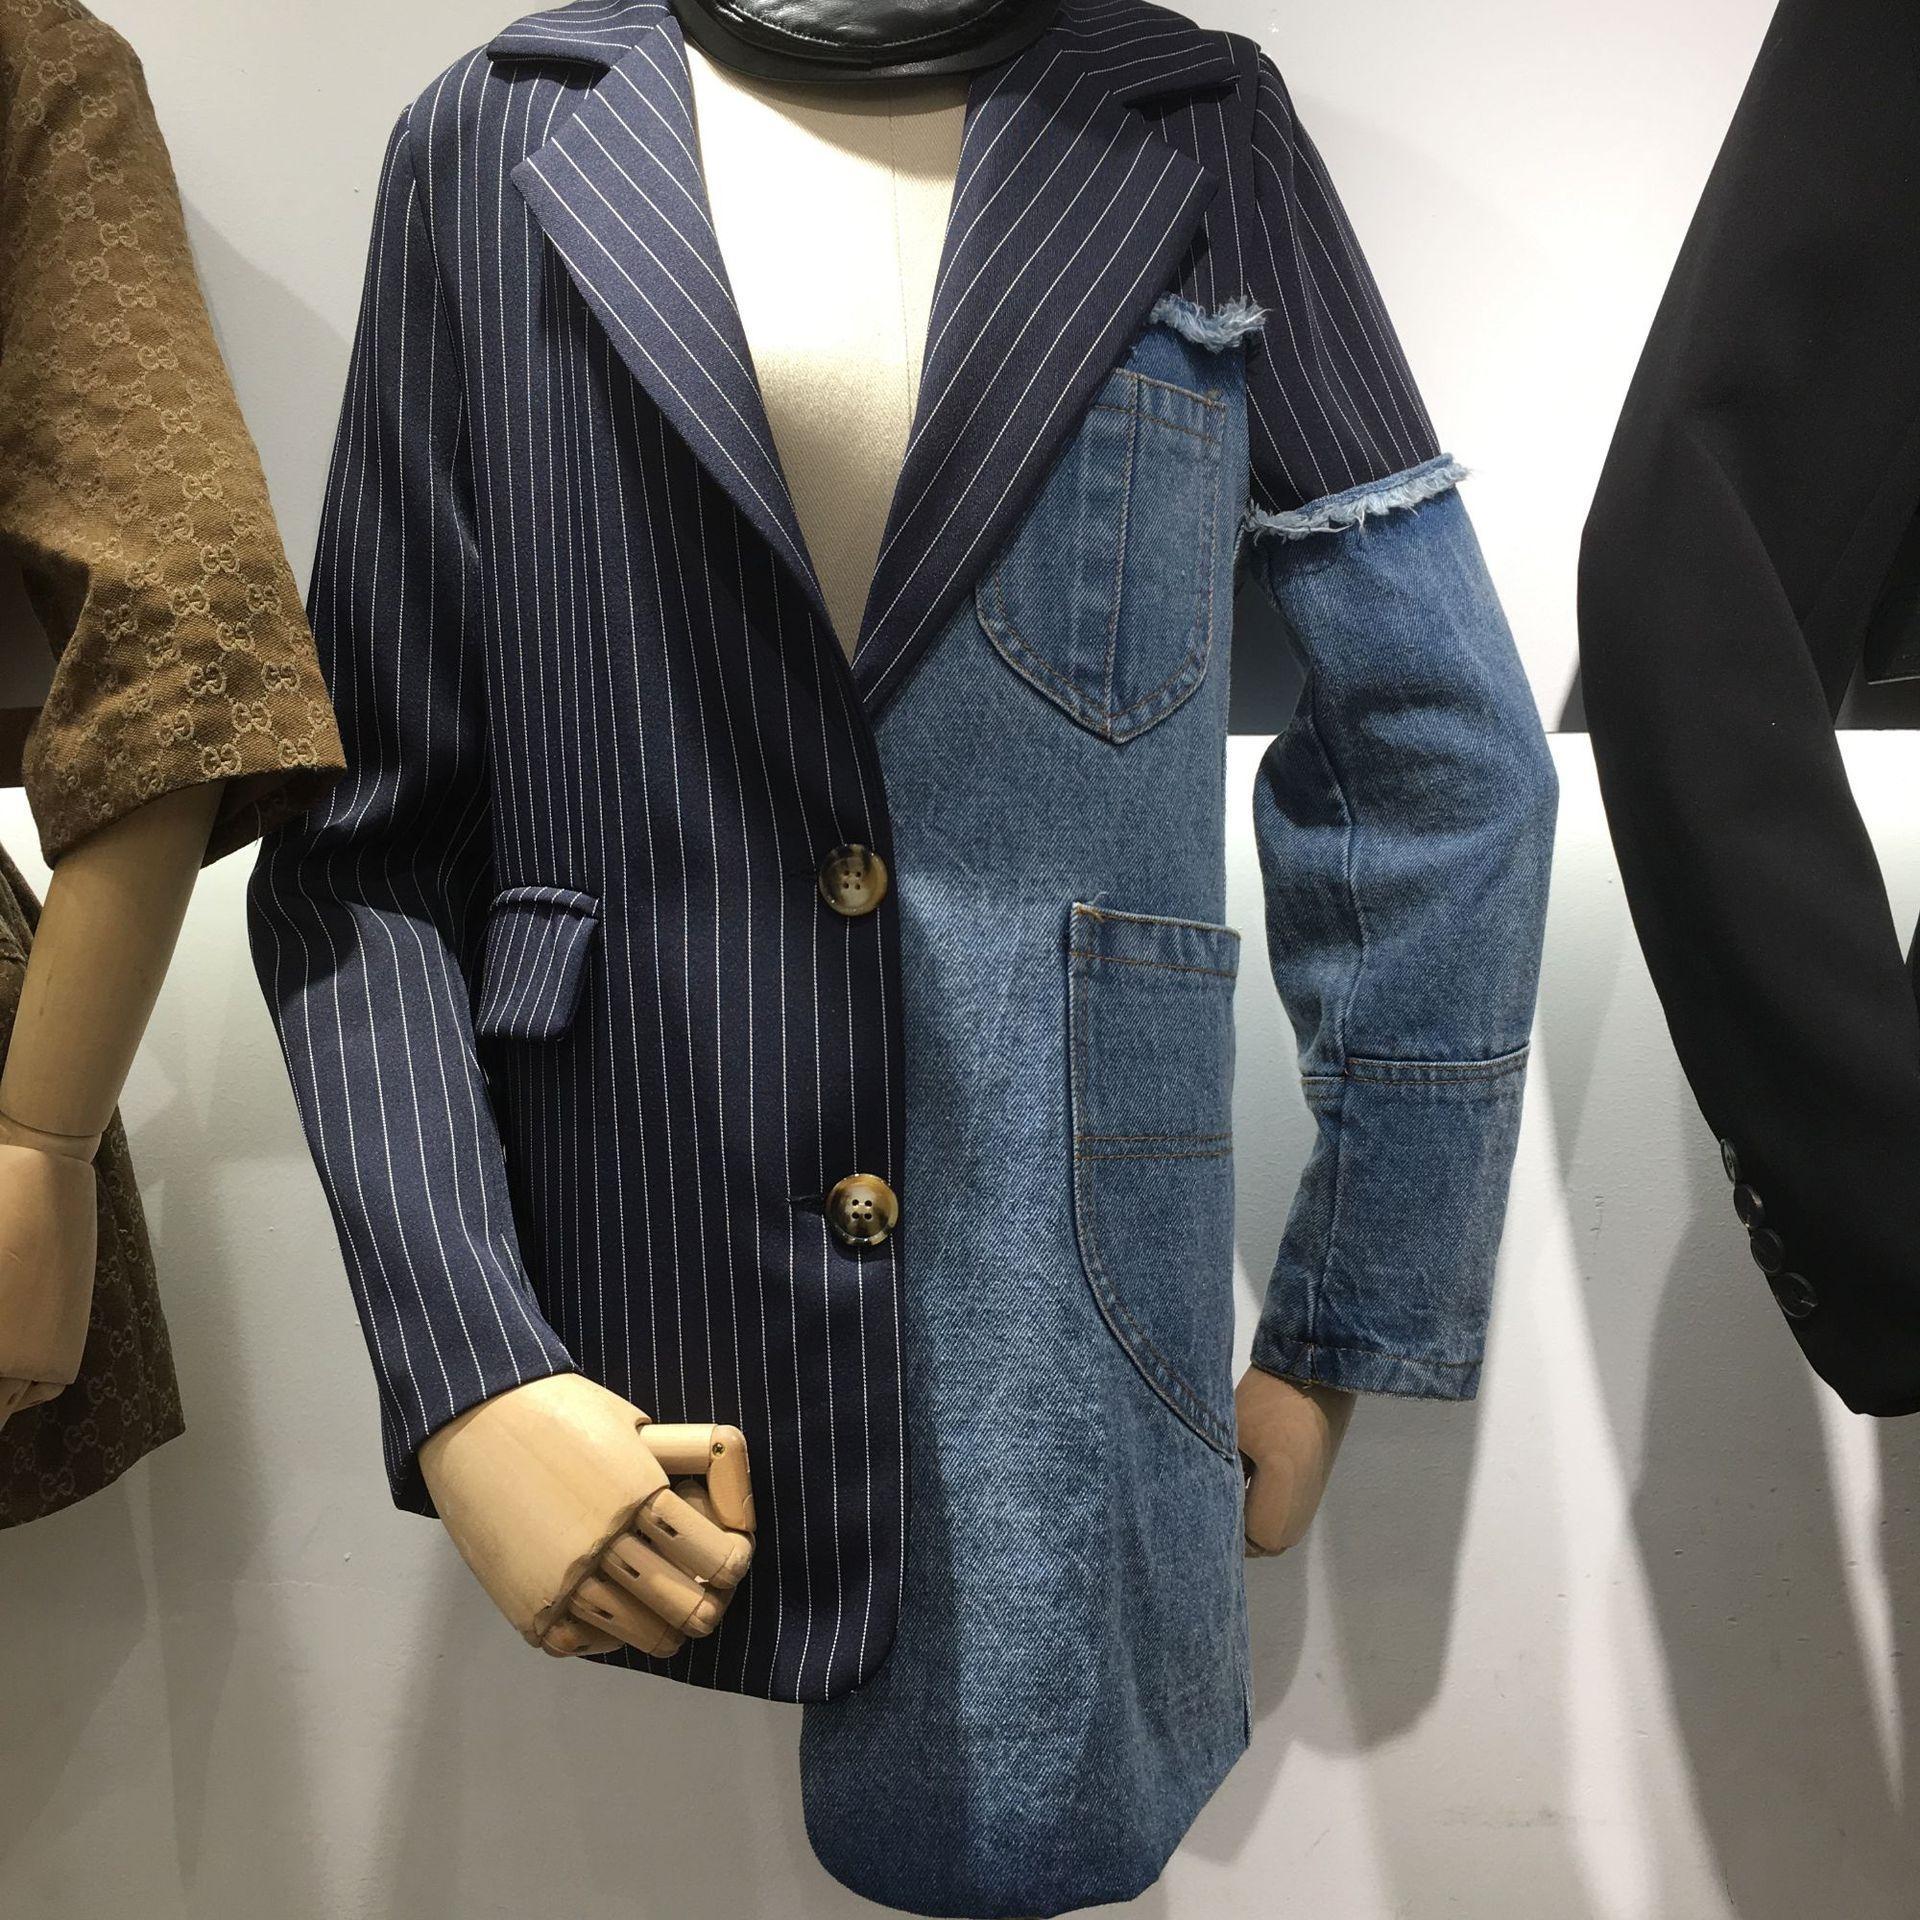 Piccolo vestito 2019 della molla nuovo stile coreano bavero cuciture vestito del denim irregolare di 0N3QO Donne per le donne giacca giacca